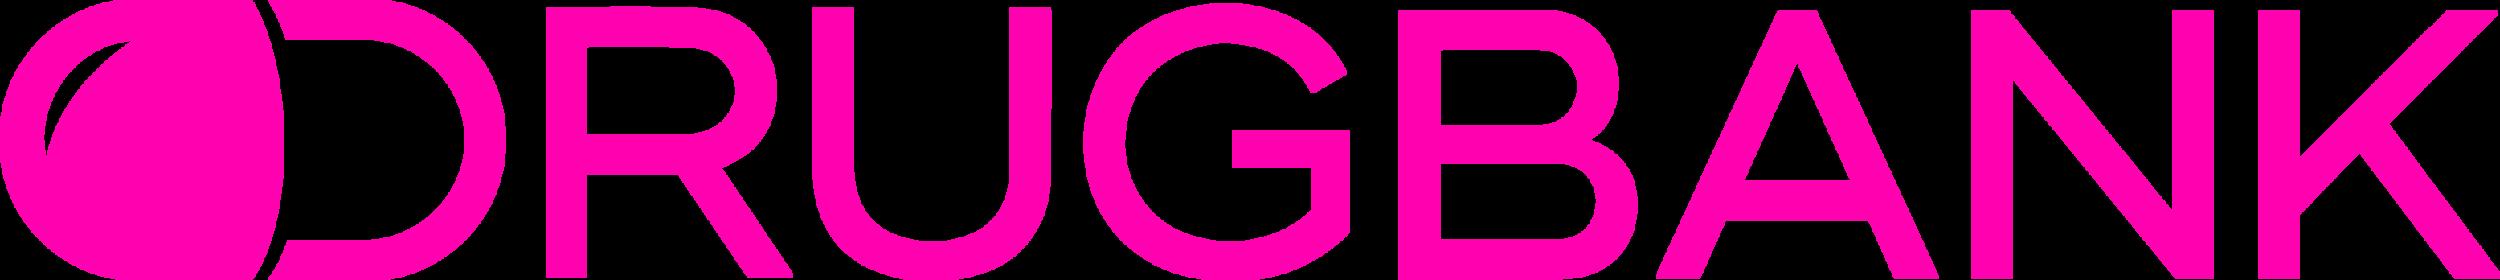 DrugBank_logo.png